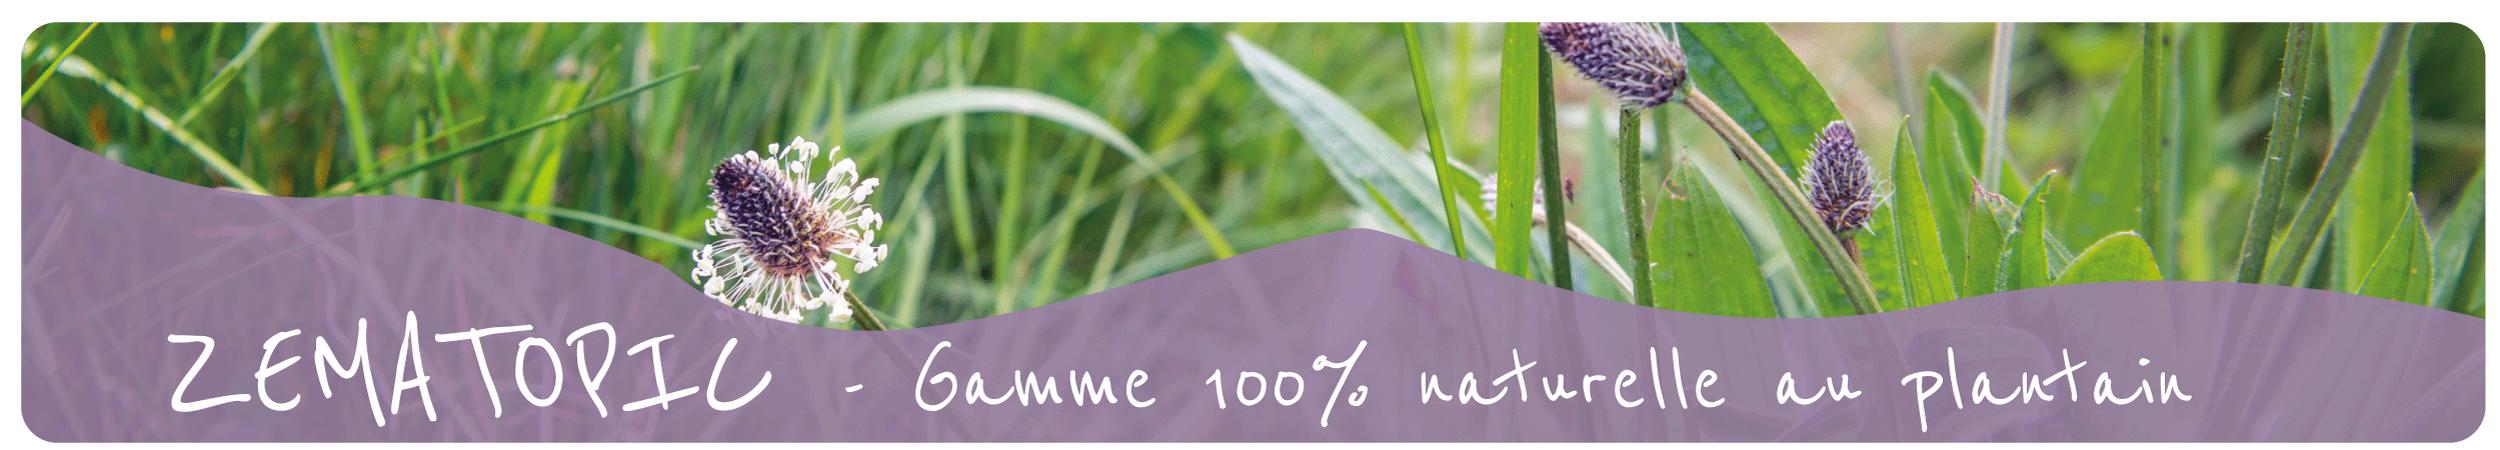 zematopic plantain